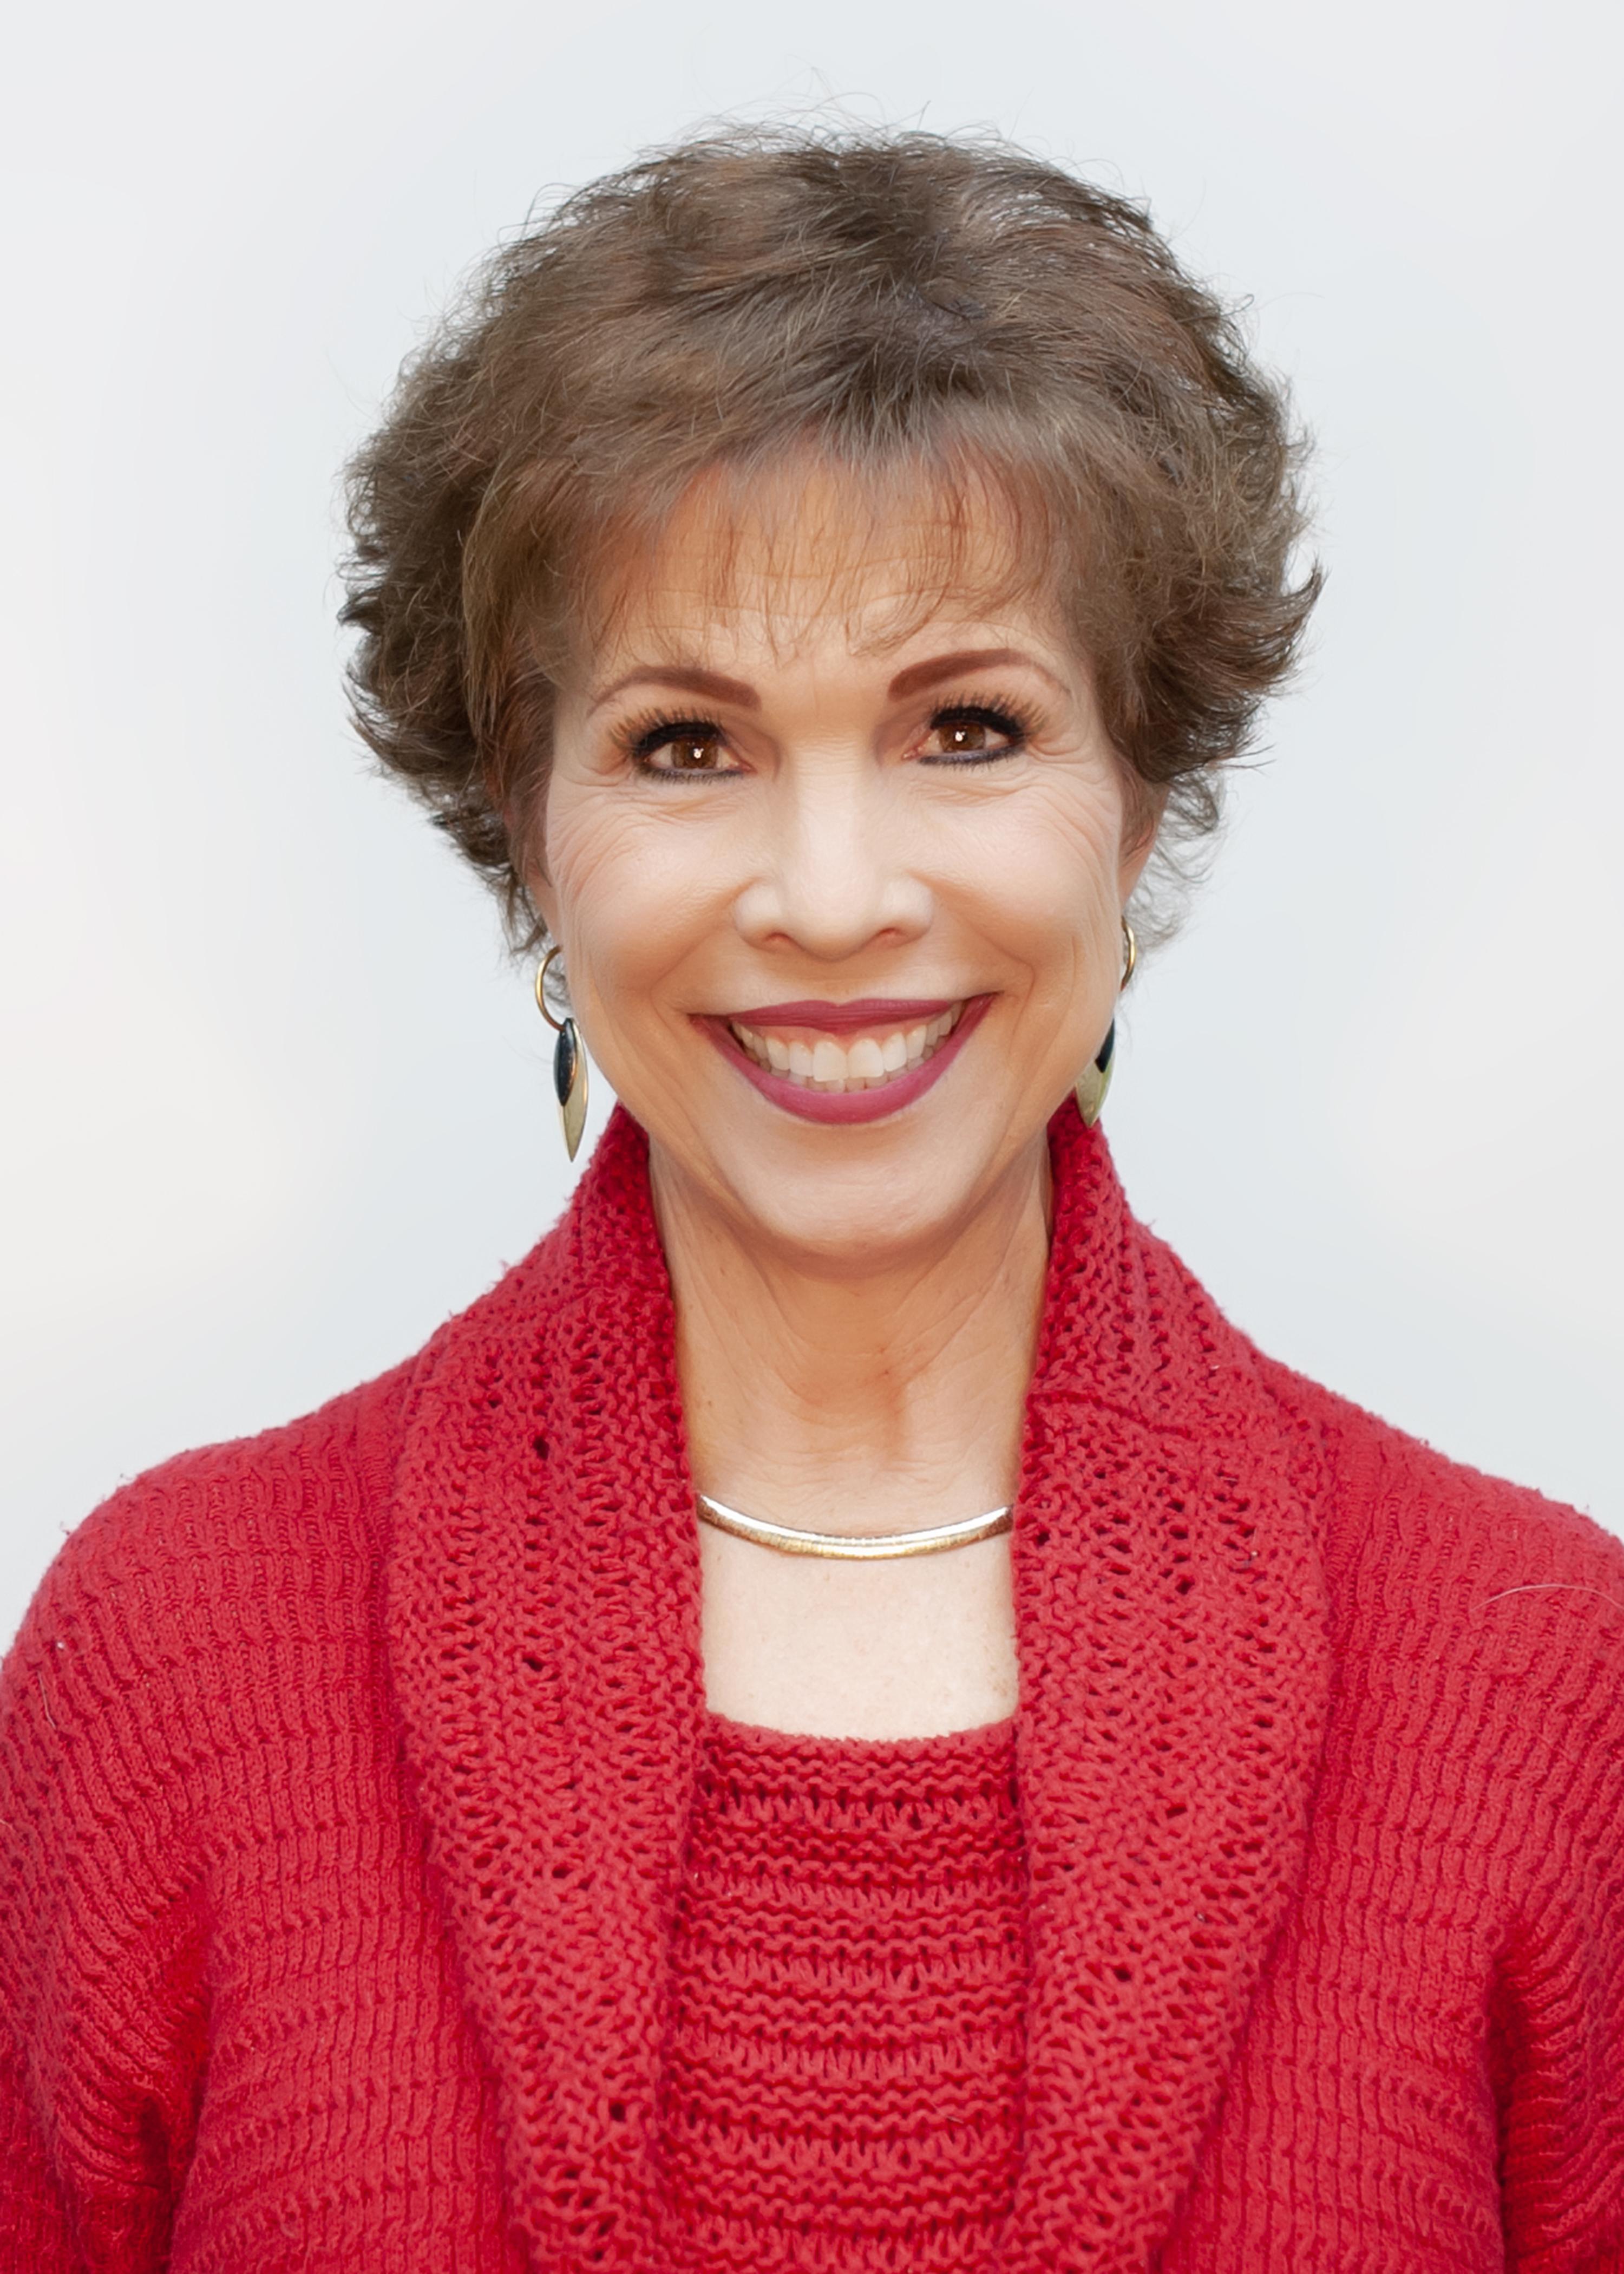 Paula Fellingham